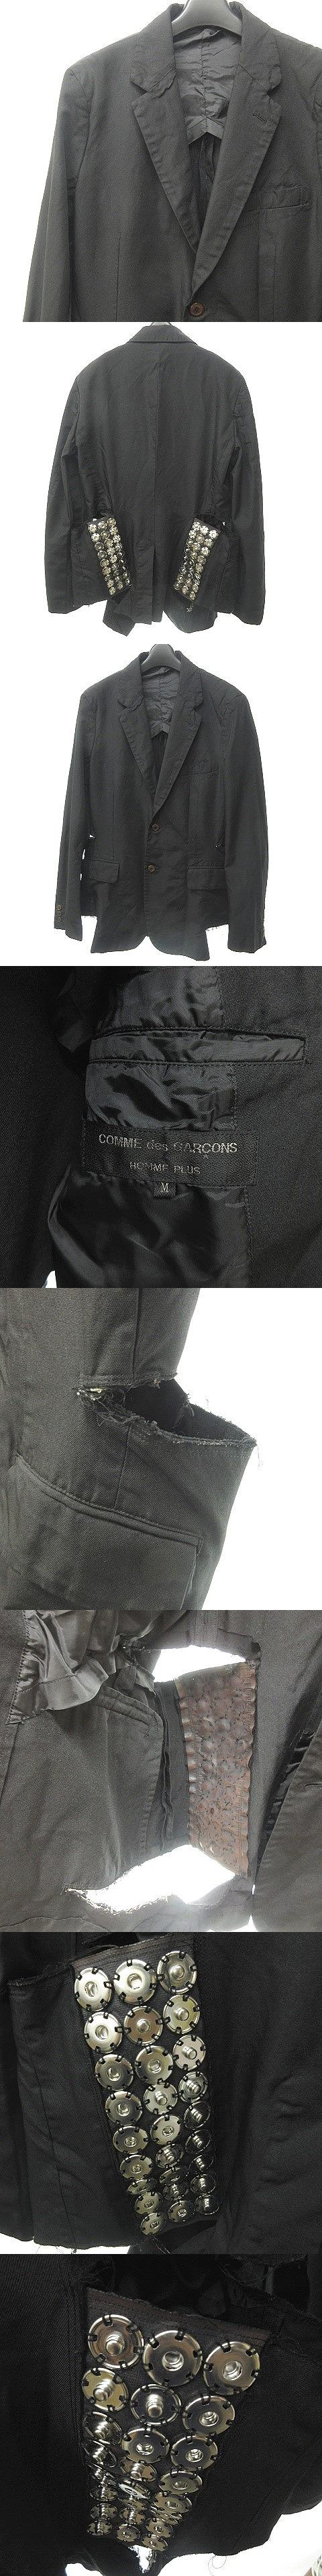 AD2015 ポリ縮絨 テーラードジャケット ブレザー スナップボタン 加工 2B 黒 ブラック M 0628